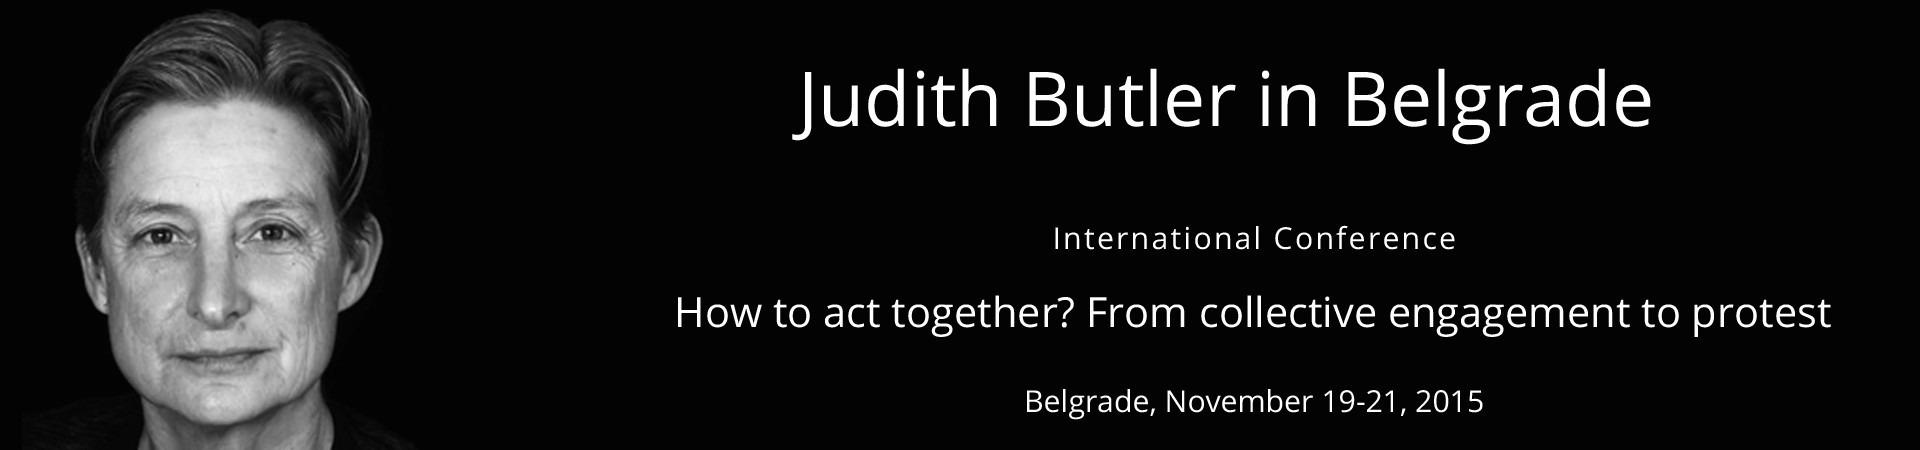 buttler_banner_IPT